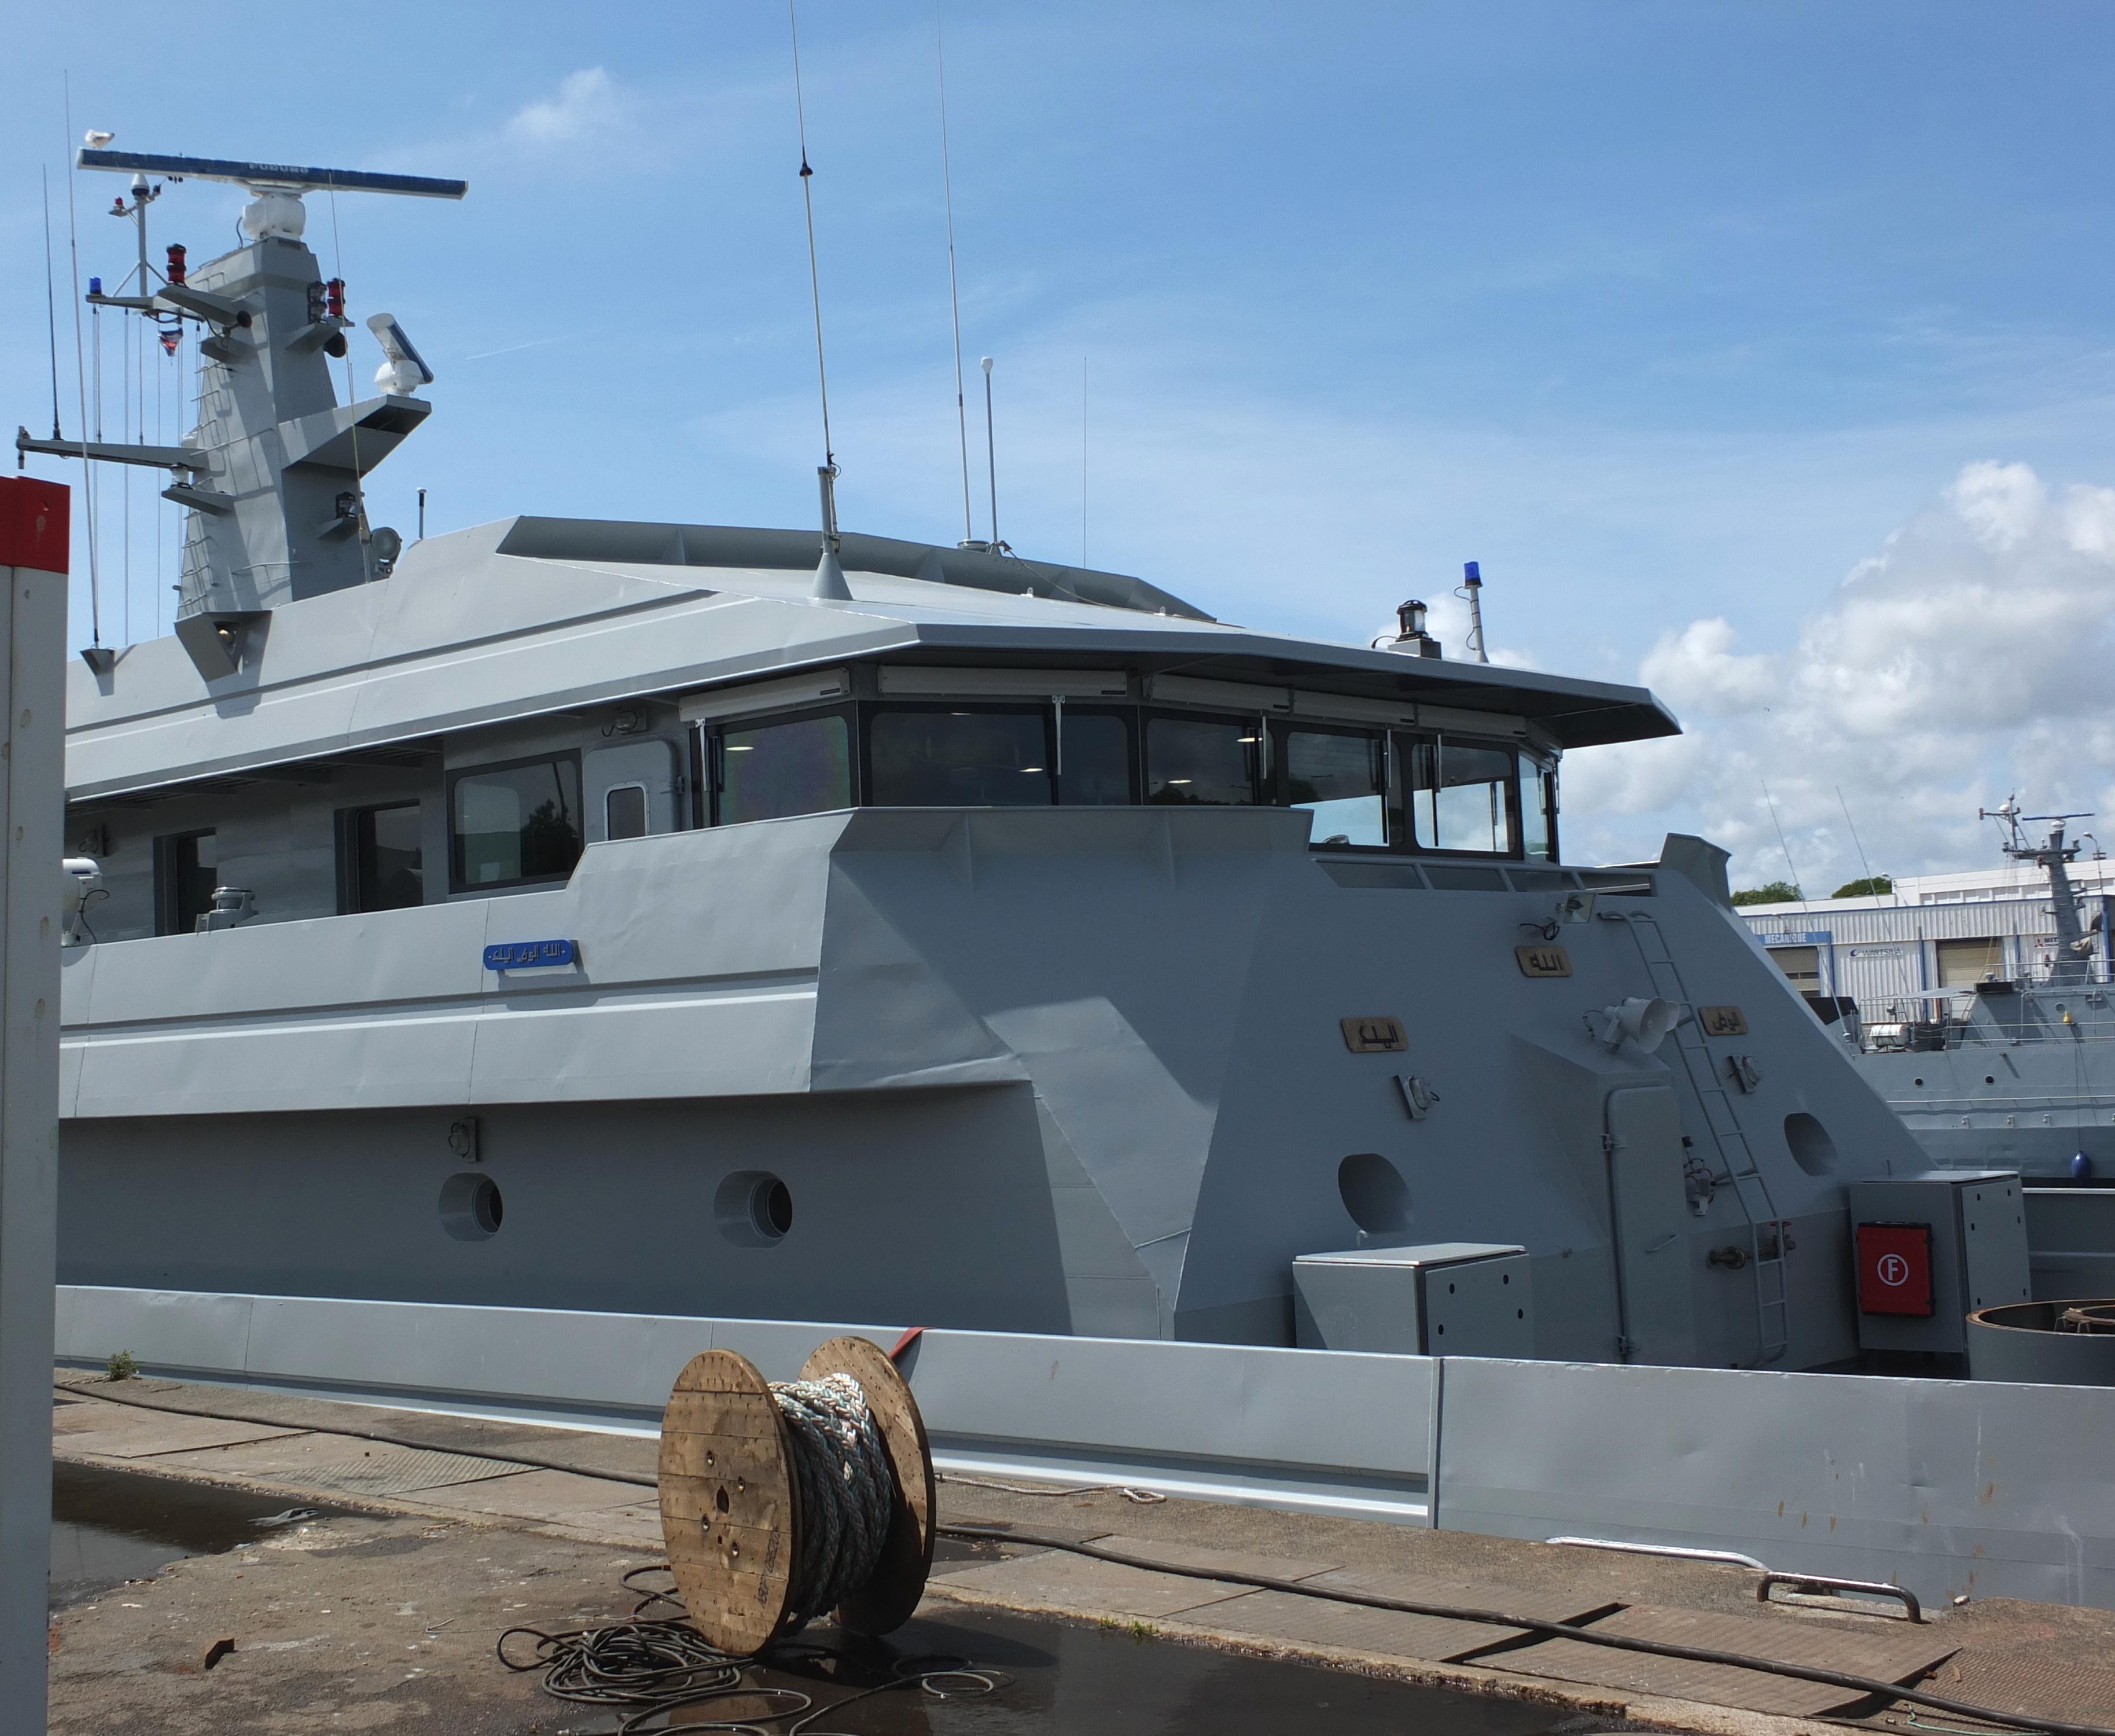 Royal Moroccan Navy Patrol Boats / Patrouilleurs de la Marine Marocaine - Page 12 34774833651_fcc98d2873_o